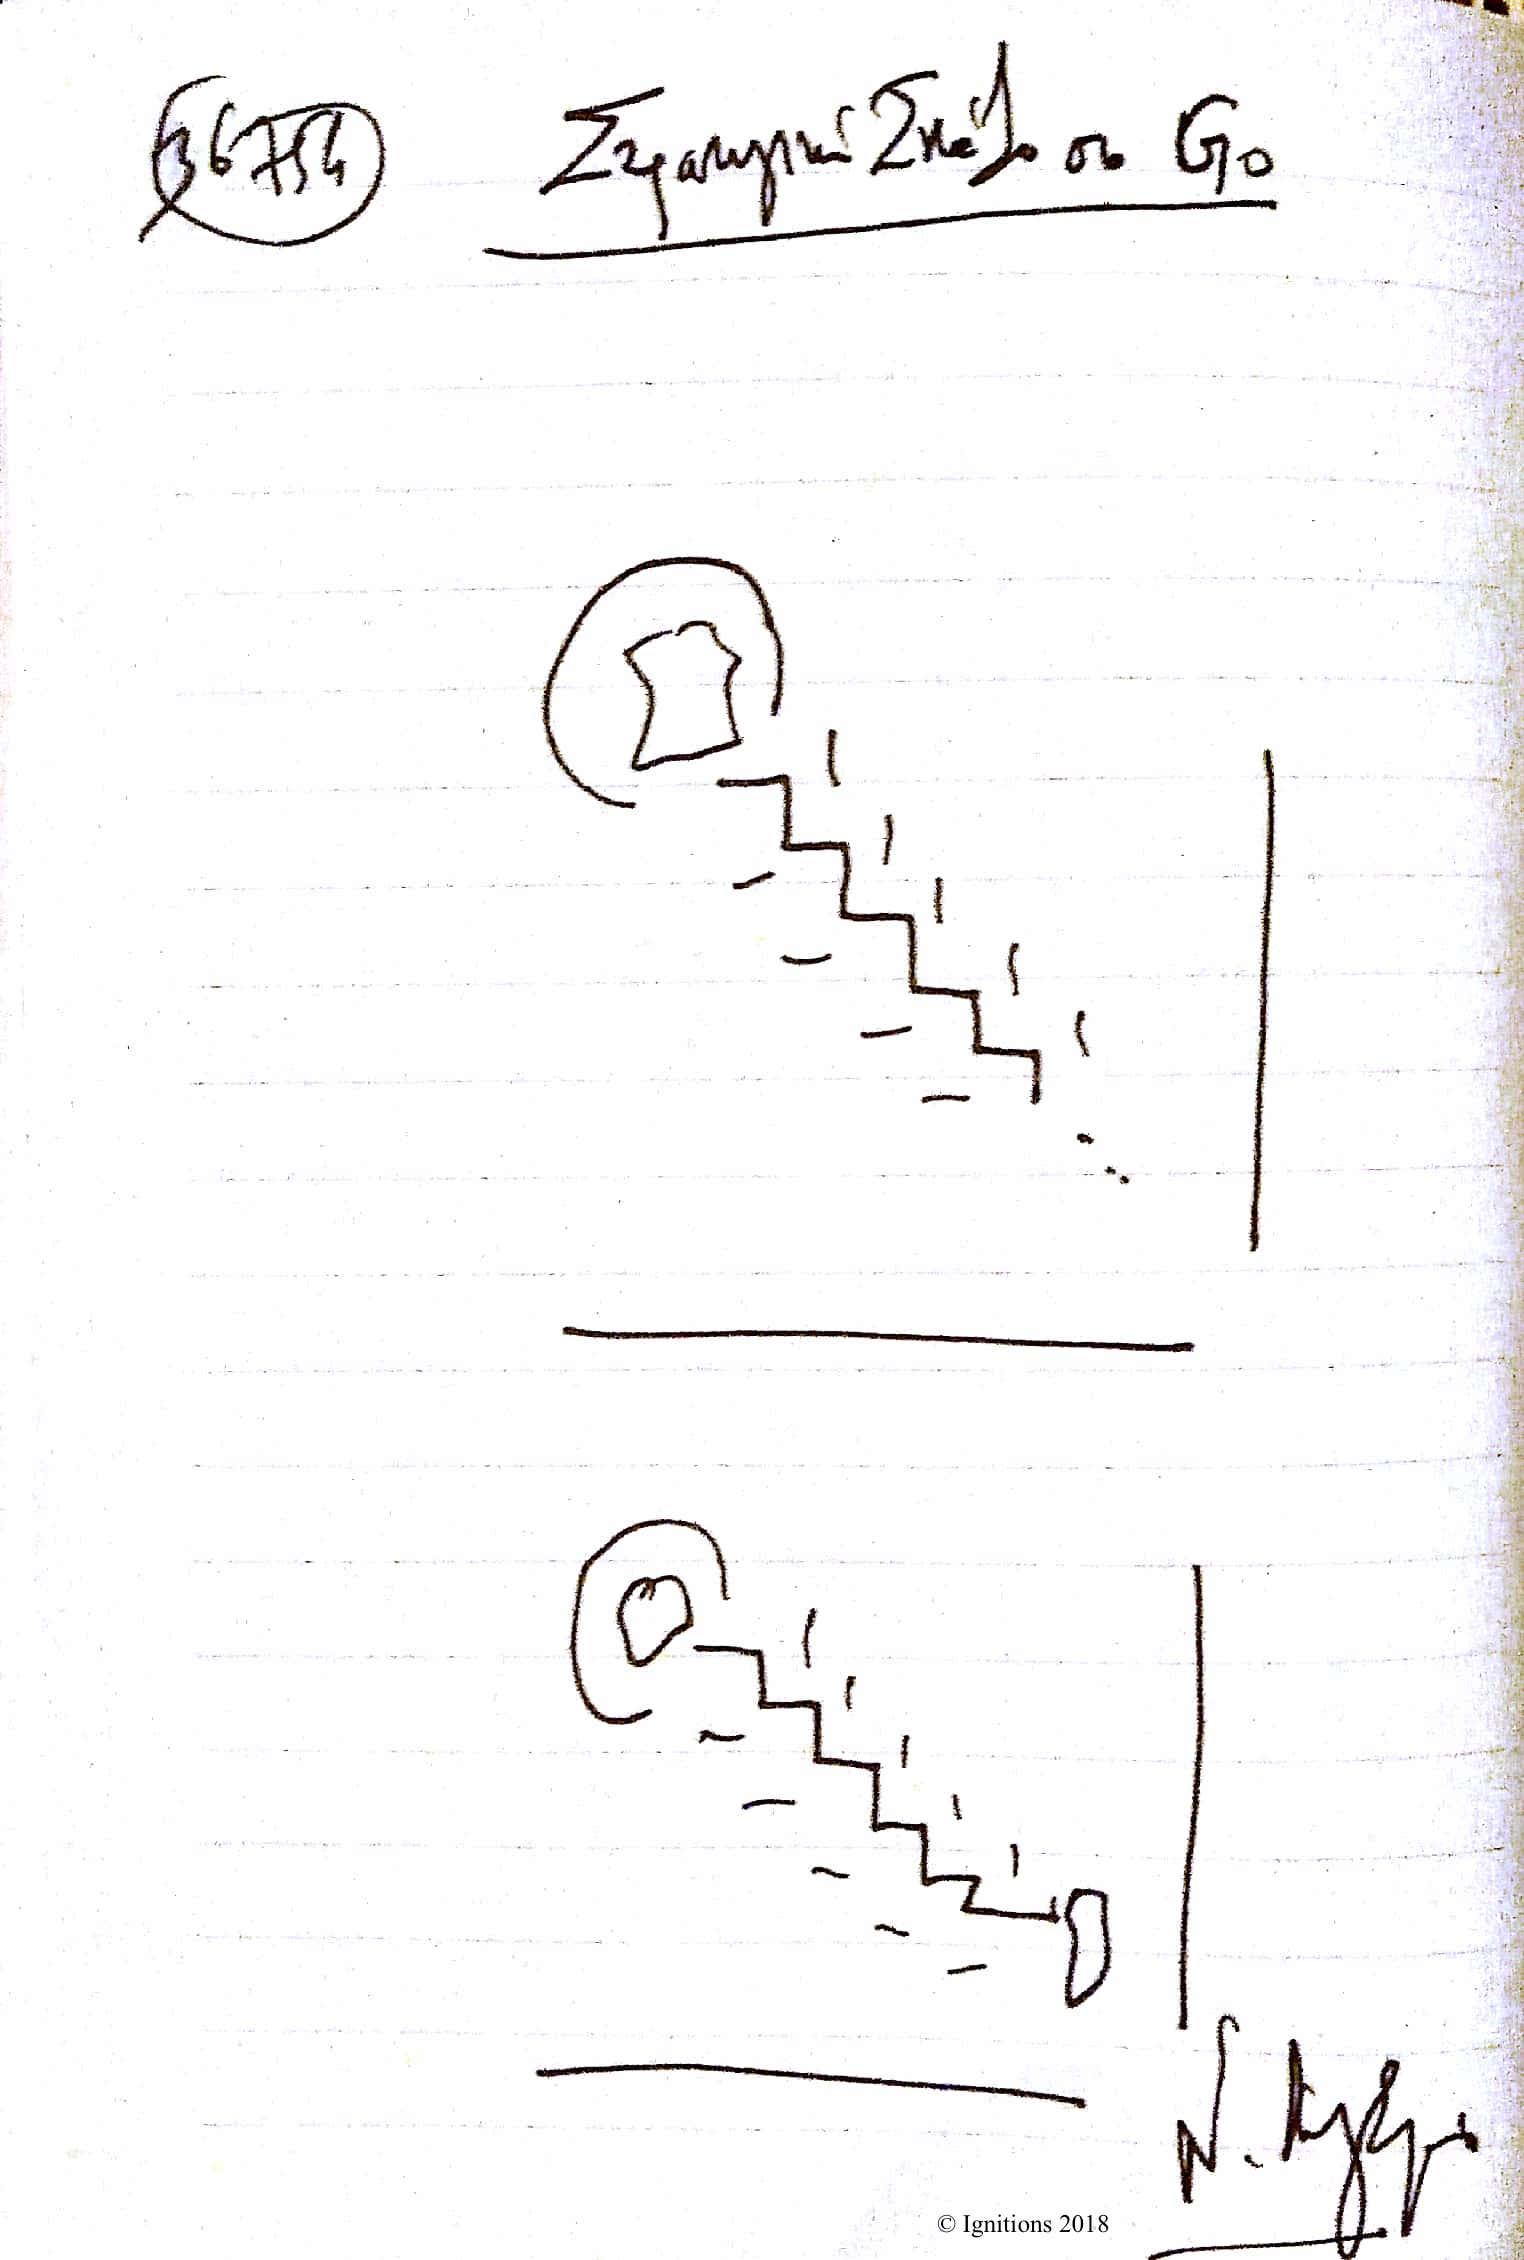 Στρατηγική Σκάλα στο Go. (Dessin au feutre)